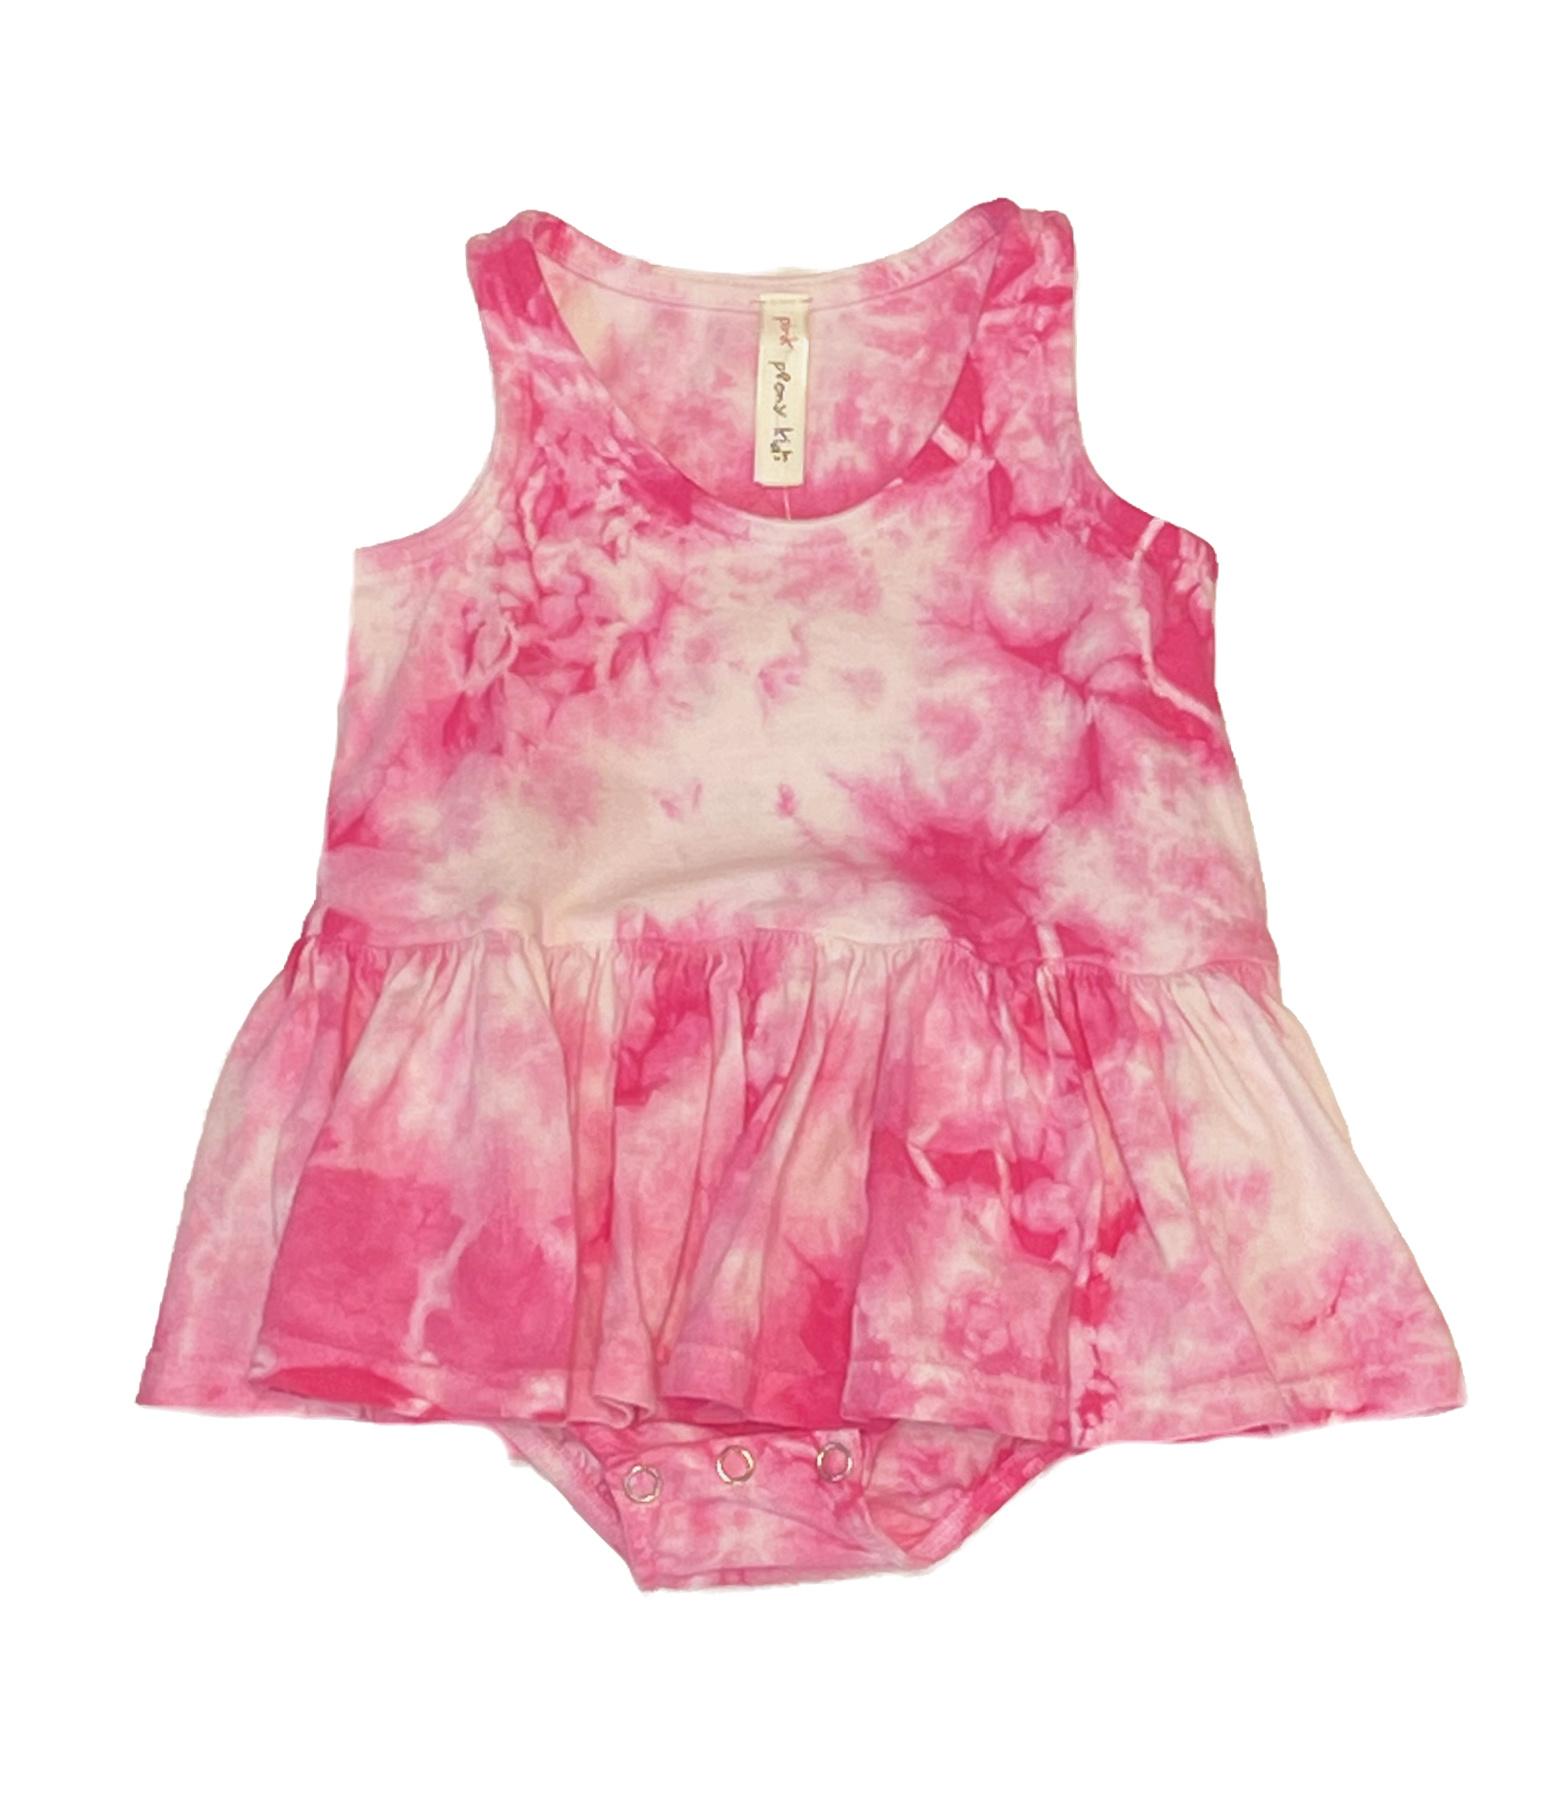 Pink Peony Pink Tie Dye Skirted Onesie